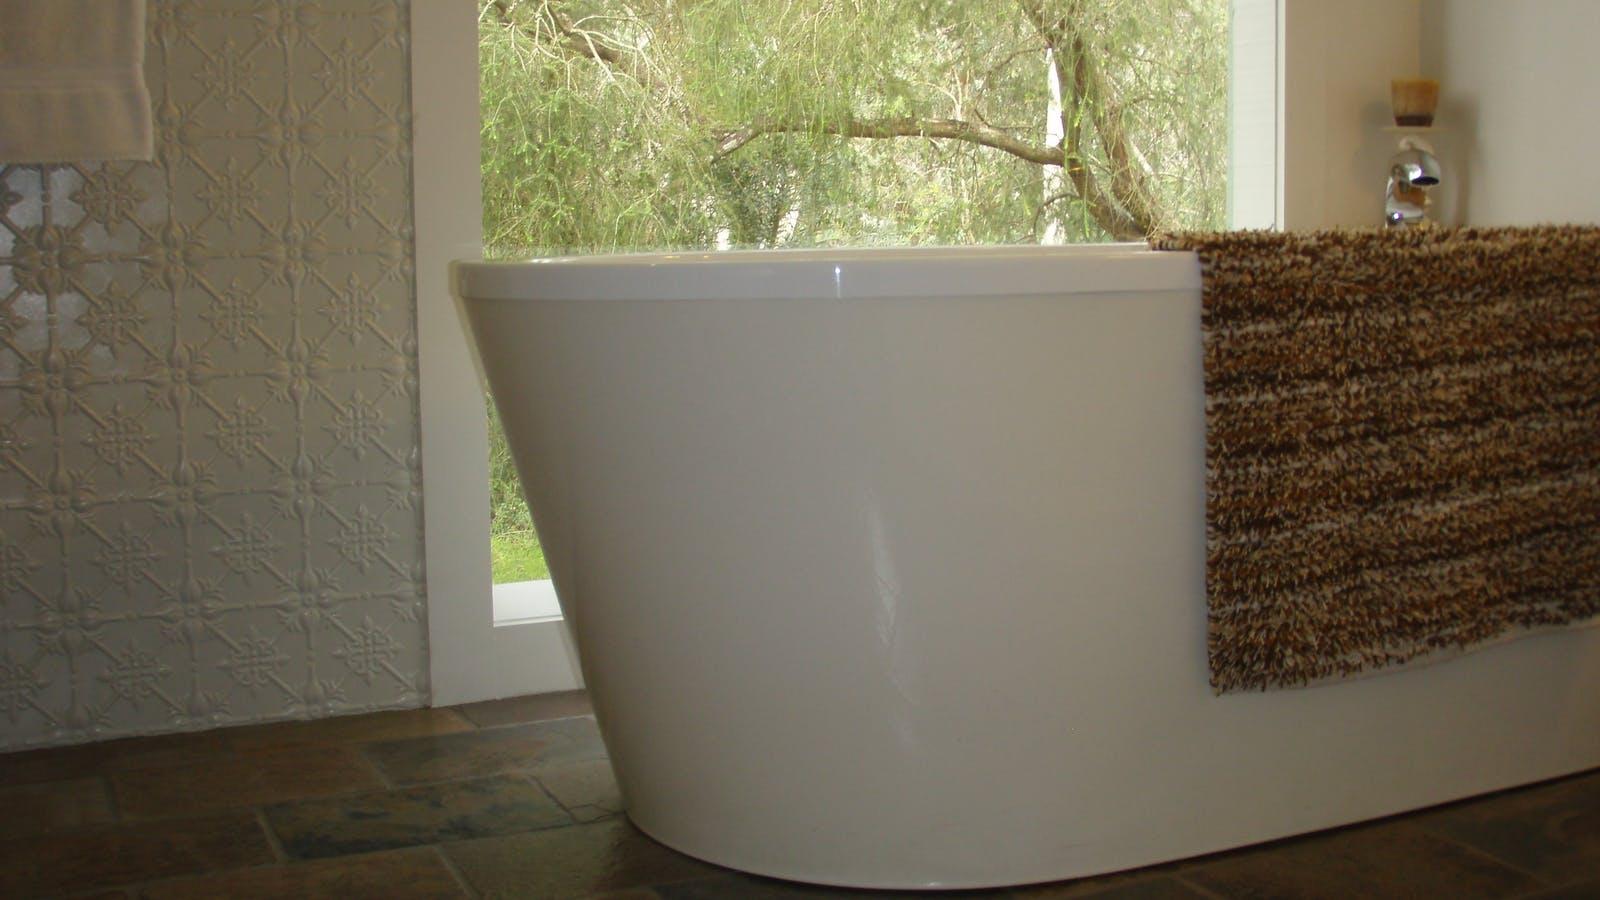 Solar heated rainwater bath